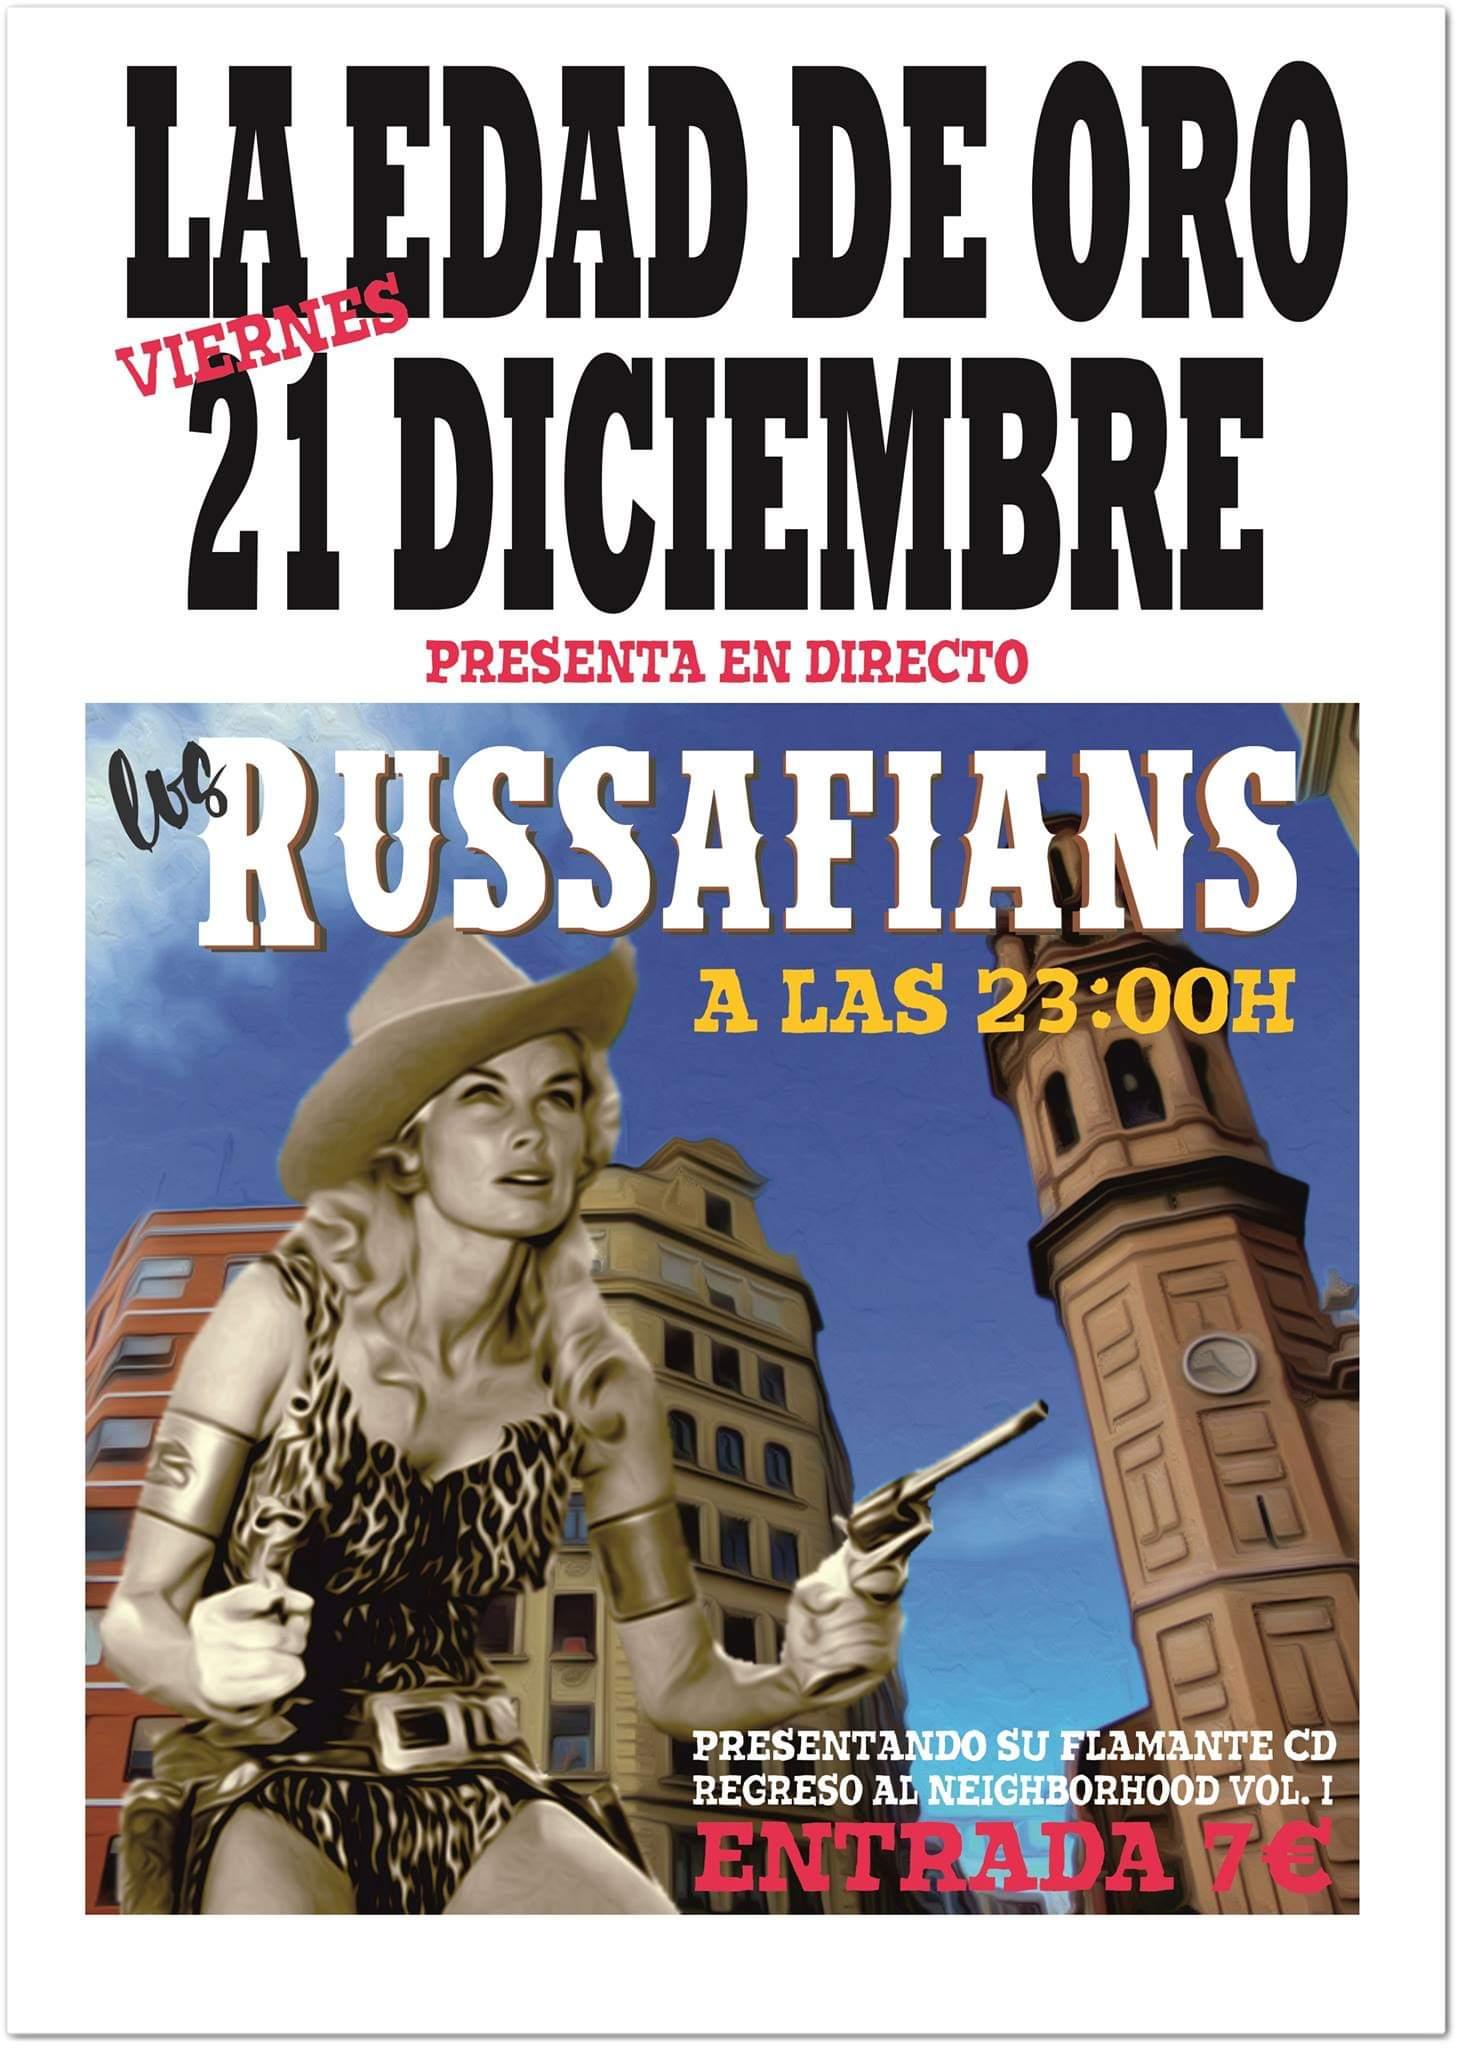 LOS RUSSAFIANS 21 DICIEMBRE LA EDAD DE ORO Fb_im168